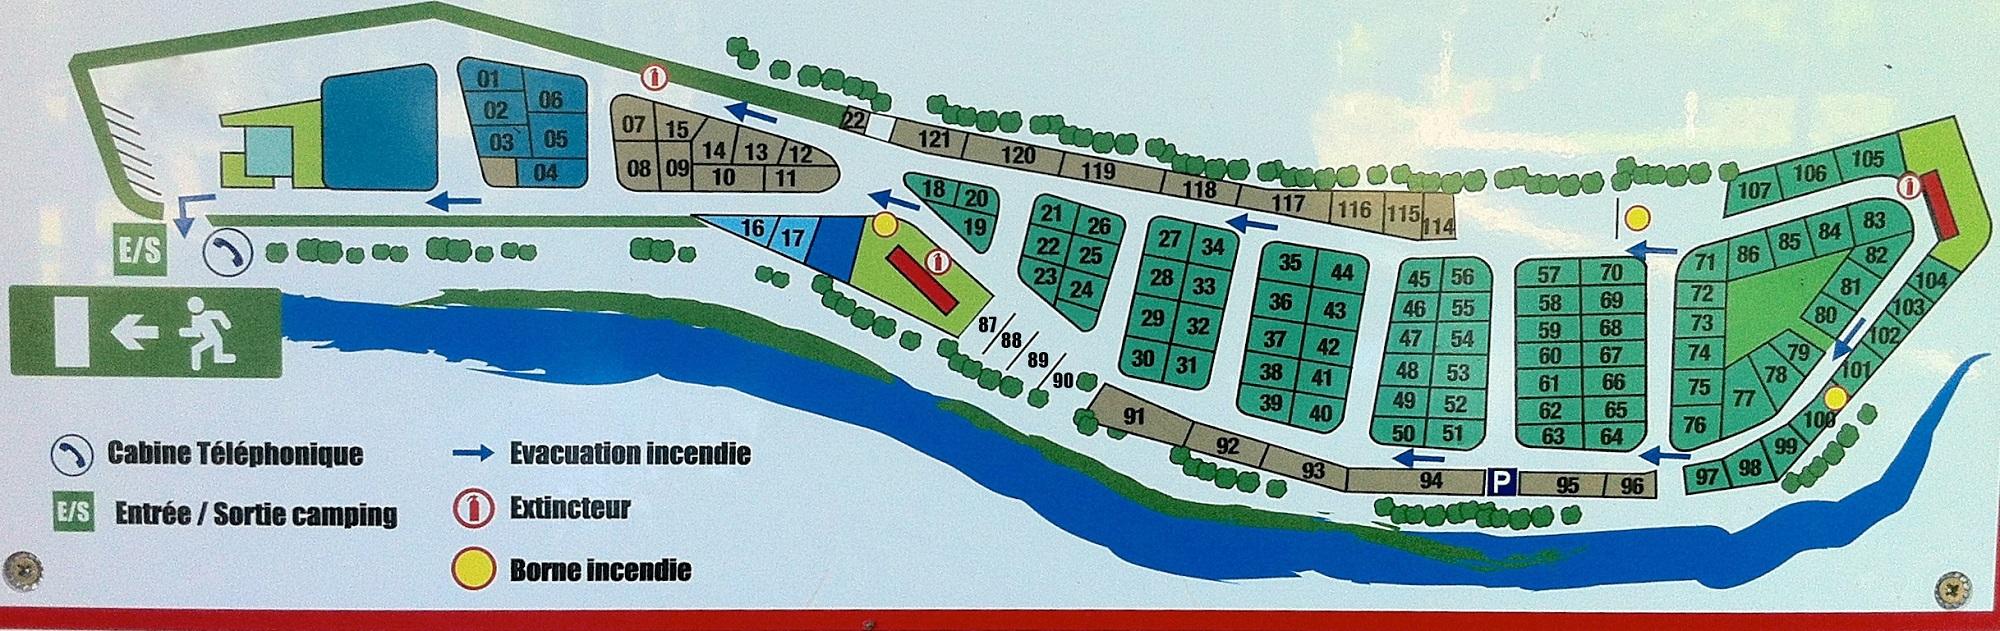 Plan Camping du Lac Kir Dijon